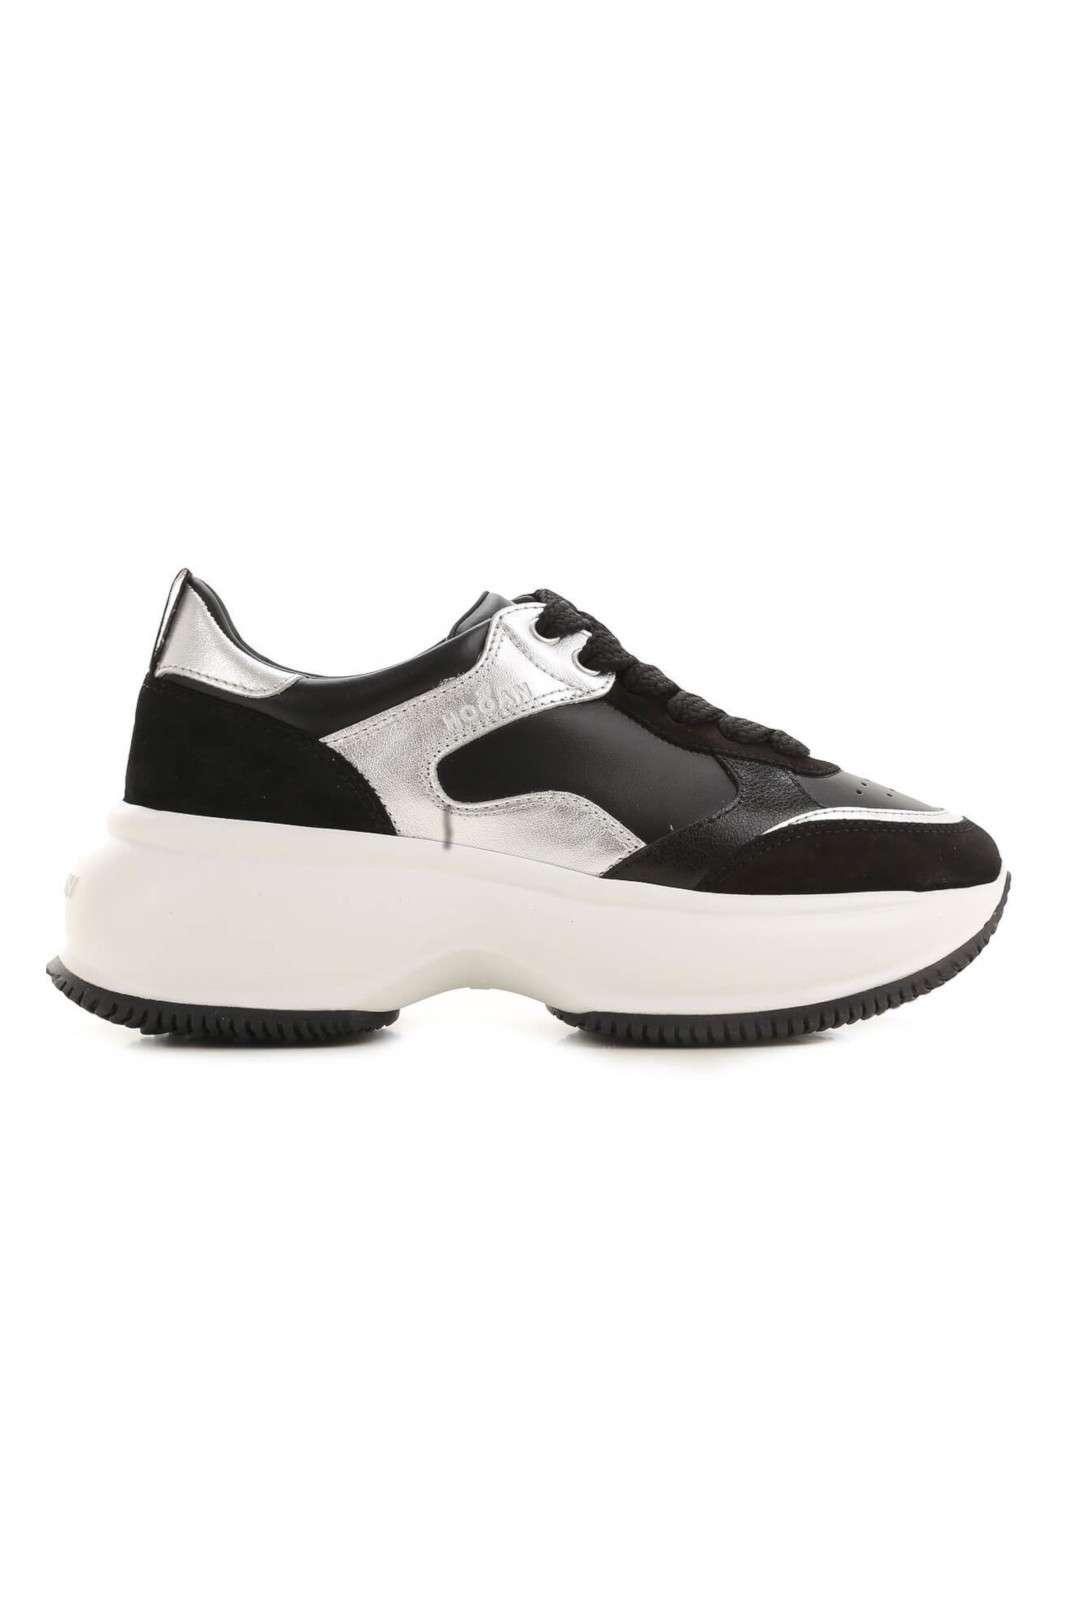 Glamour e comode le nuove scarpe sportive donna Maxi Active firmate dalla collection autunno inverno di Hogan. Da abbinare sia a pantaloni skinny che bootcut, sono versatili e trendy. Una tomaia in prezioso pellame adatta ad ogni stile.